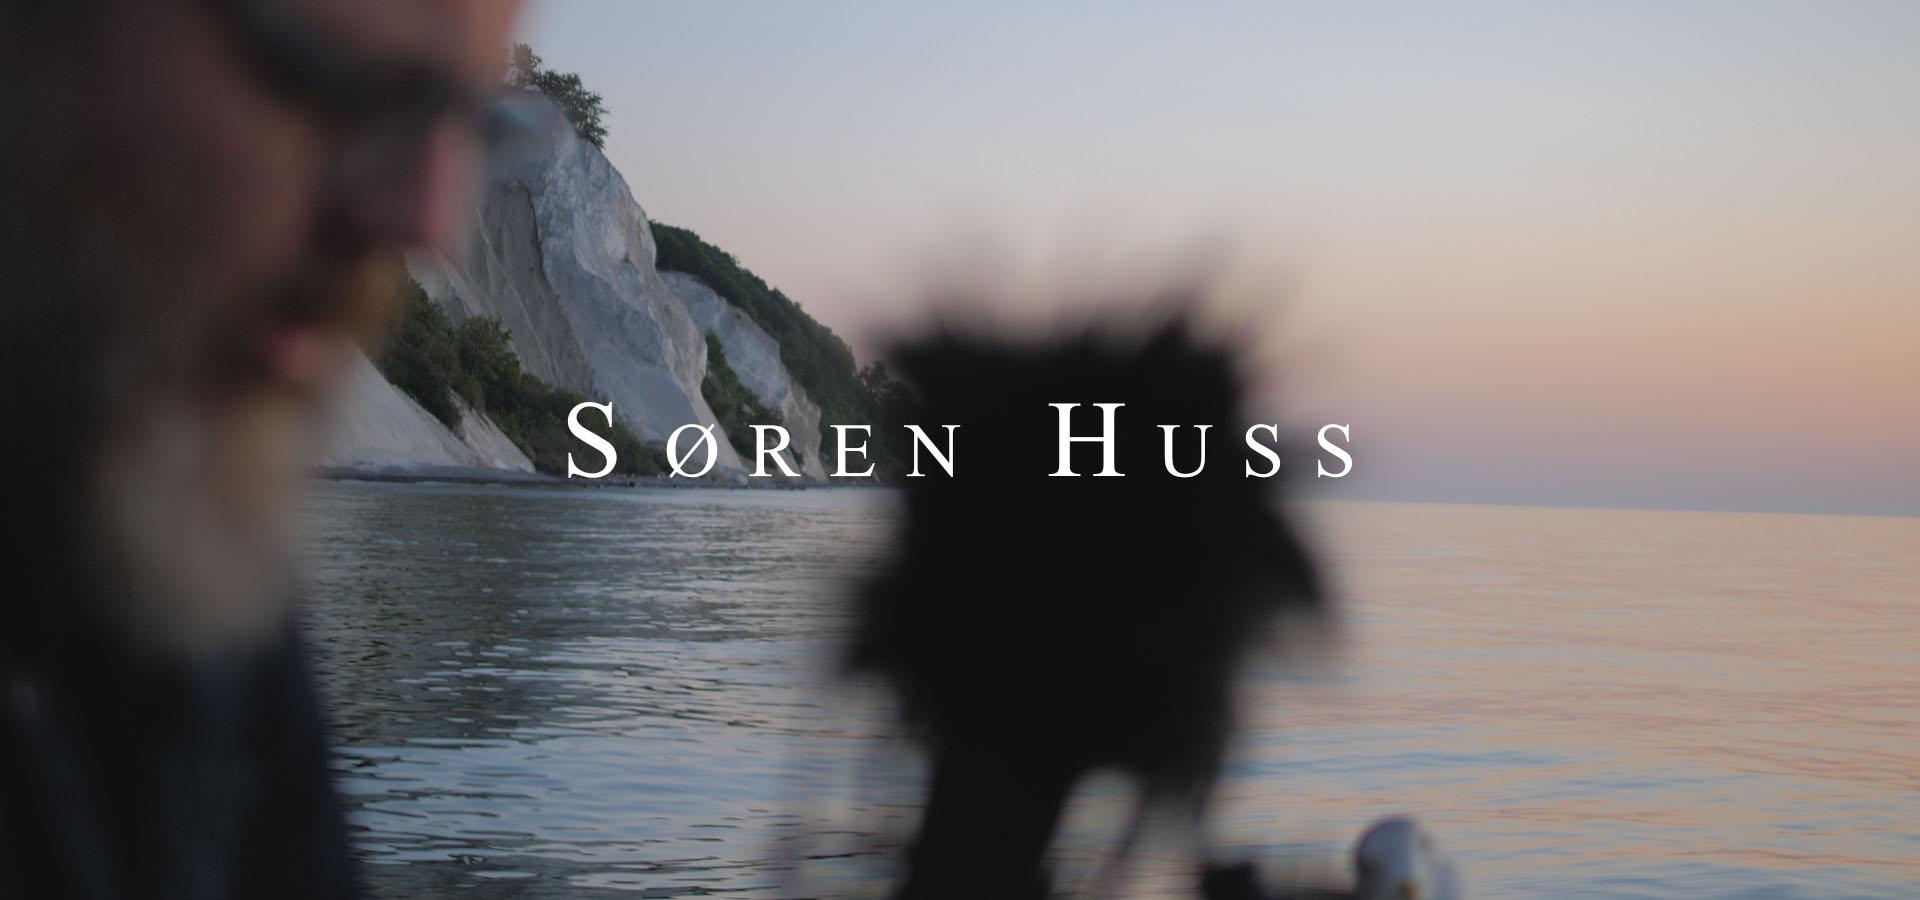 """<a href=""""https://www.moensessions.com/2018/06/25/soeren-huss/"""">May 2018</a>"""